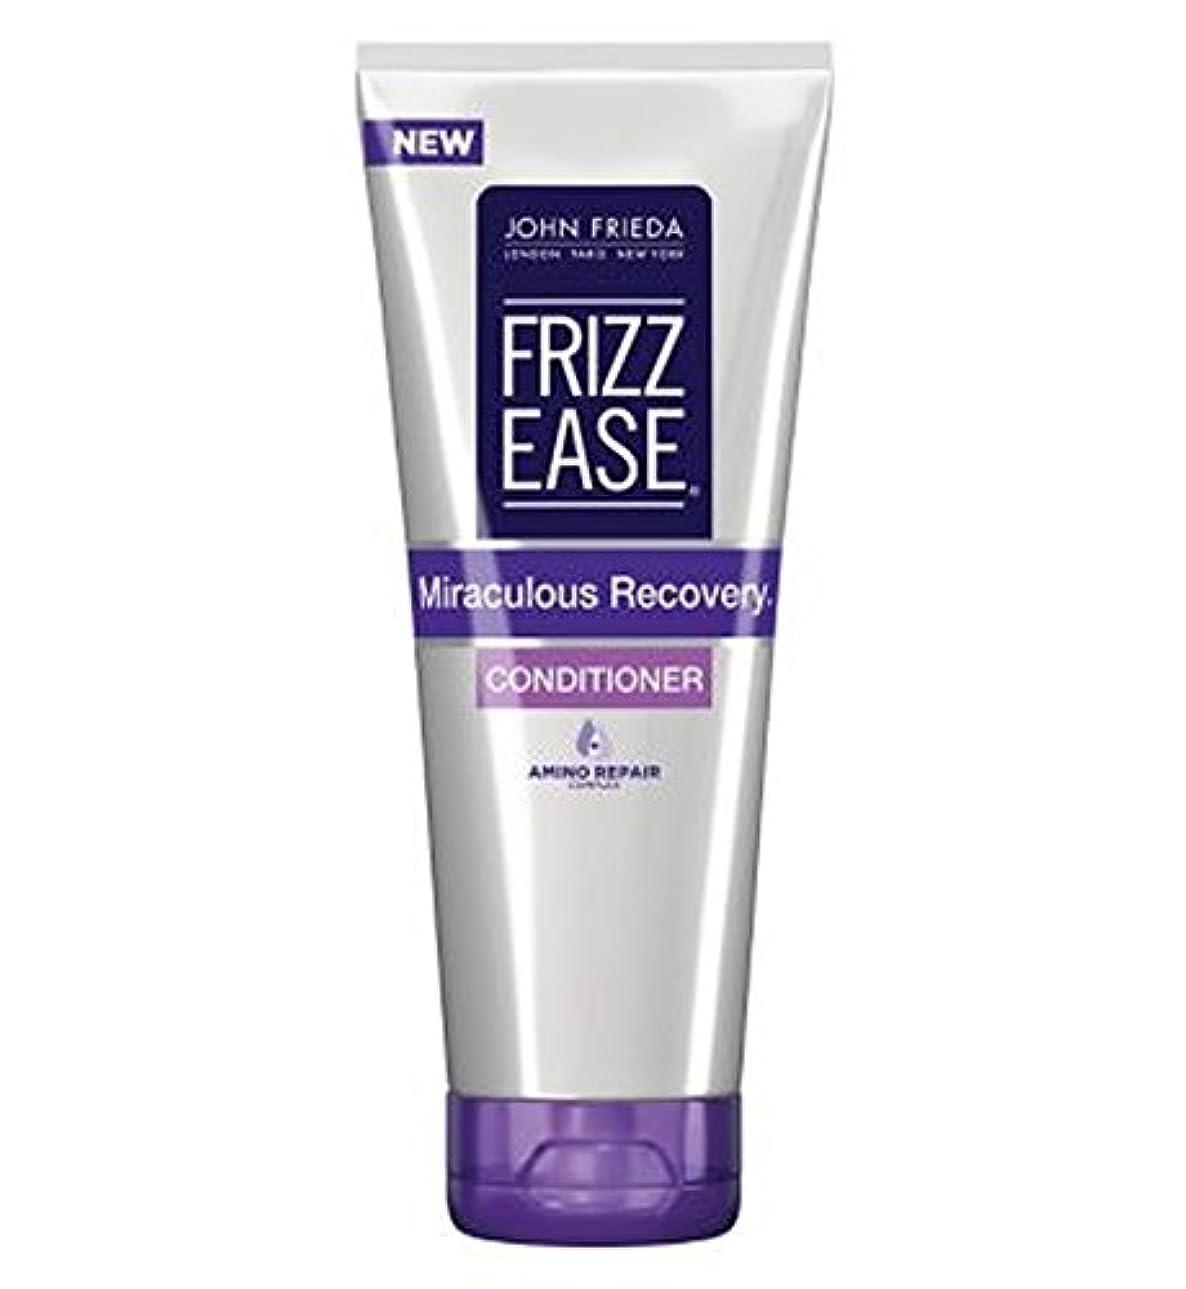 マイルストーン不条理去るジョン?フリーダ縮れ容易奇跡的な回復コンディショナー250Ml (John Frieda) (x2) - John Frieda Frizz Ease Miraculous Recovery Conditioner 250ml...